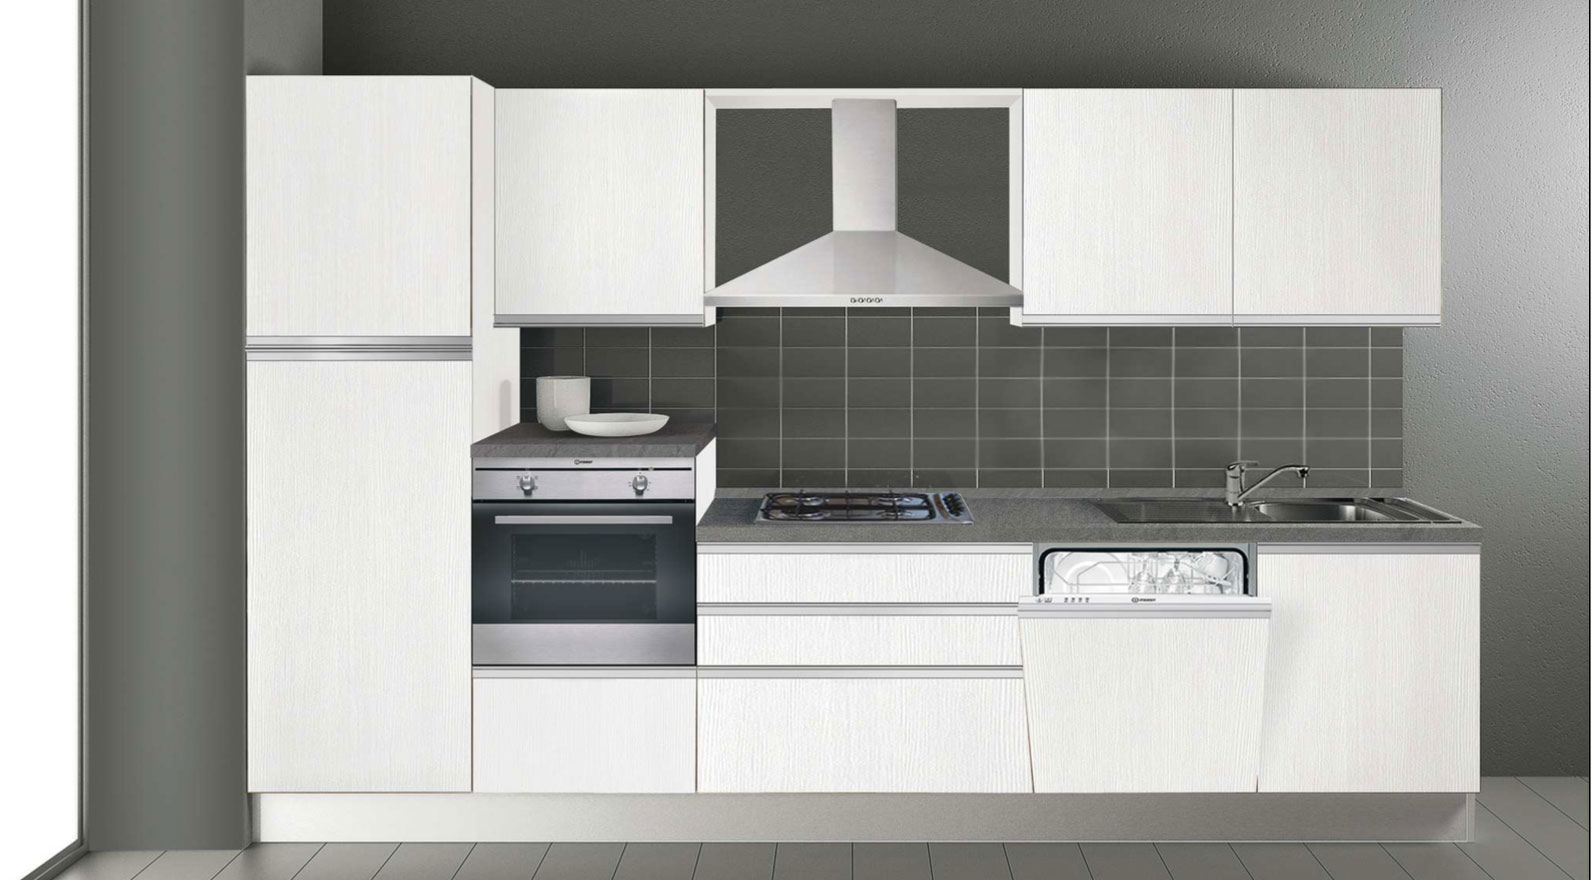 Cucina CREO 3.30 mt- Composizione standard \